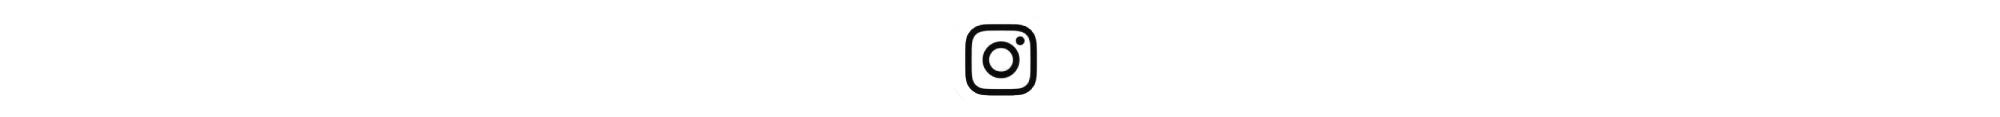 onefifteen instagram